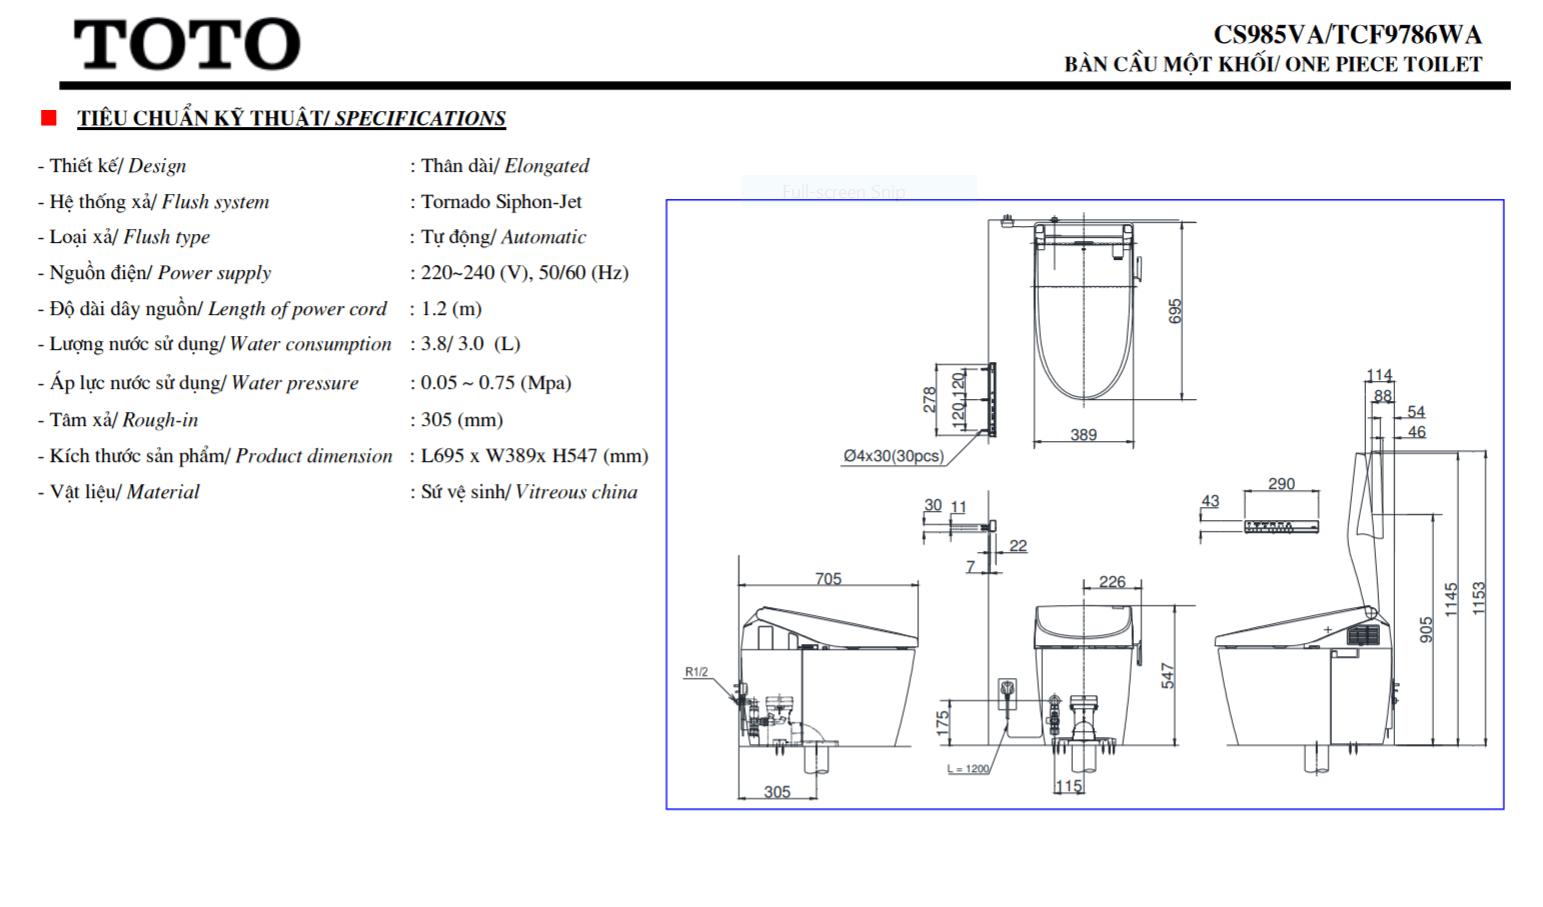 thông số kĩ thuật bồn cầu toto neorest CS985VA/TCF9786WA